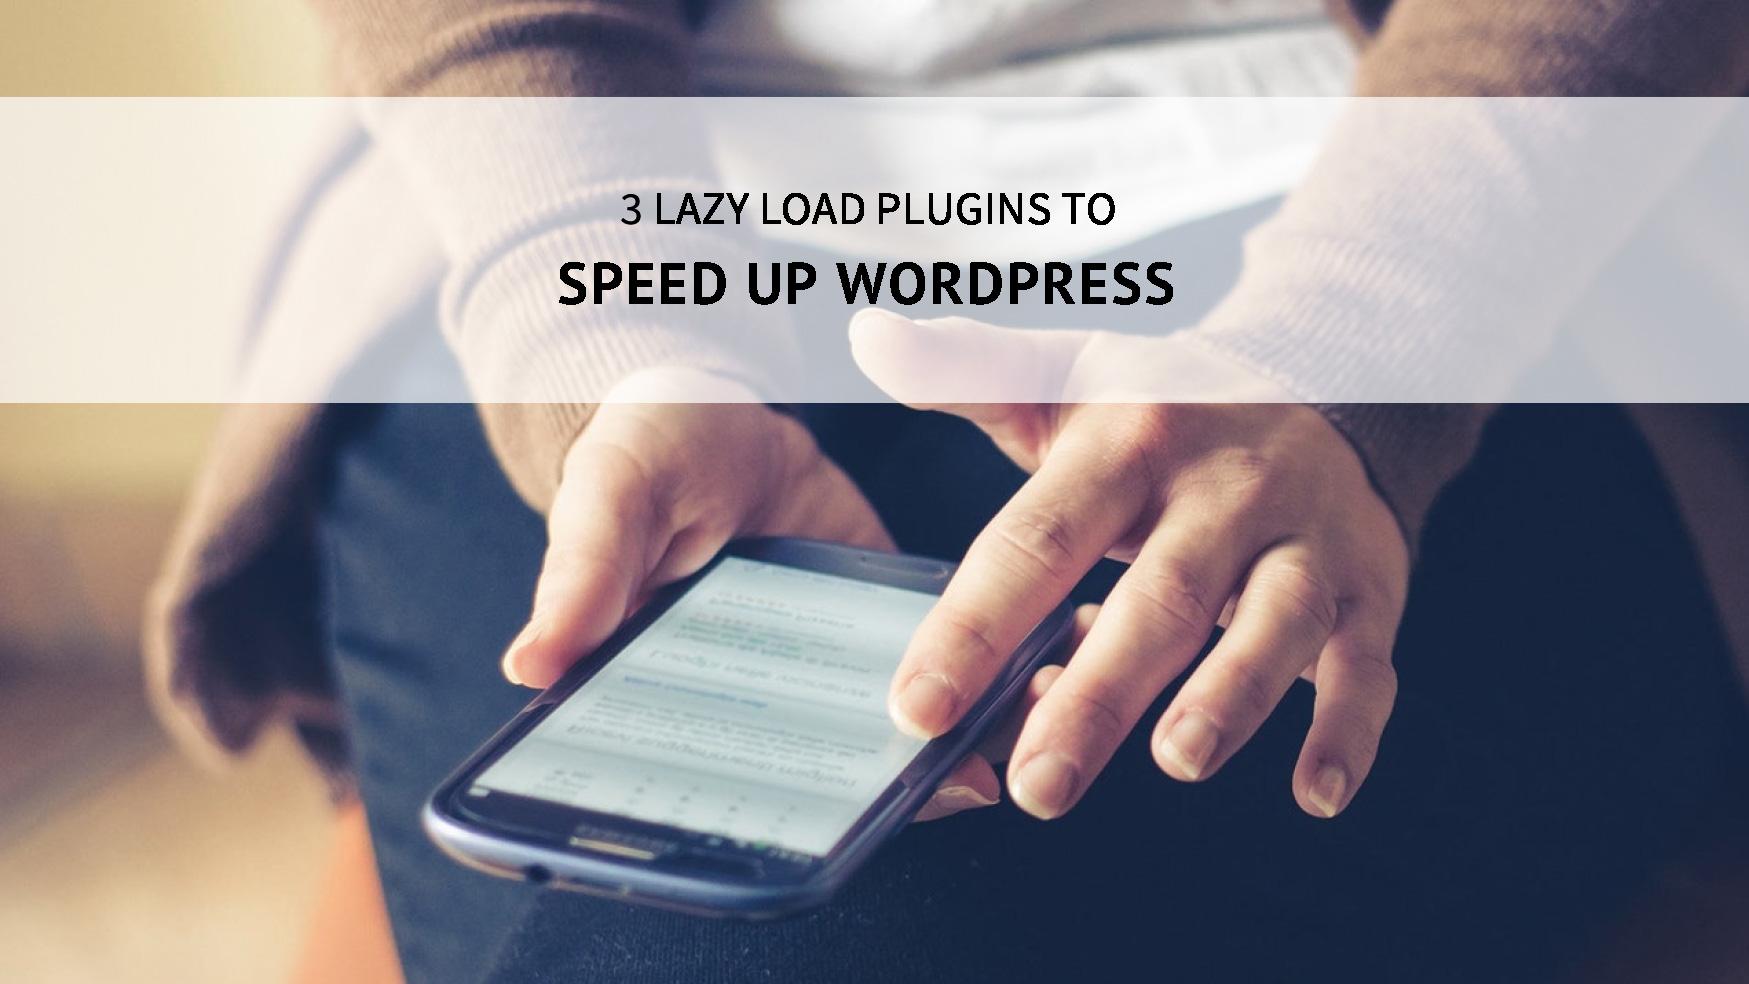 lazy_load_plugins_wordpress